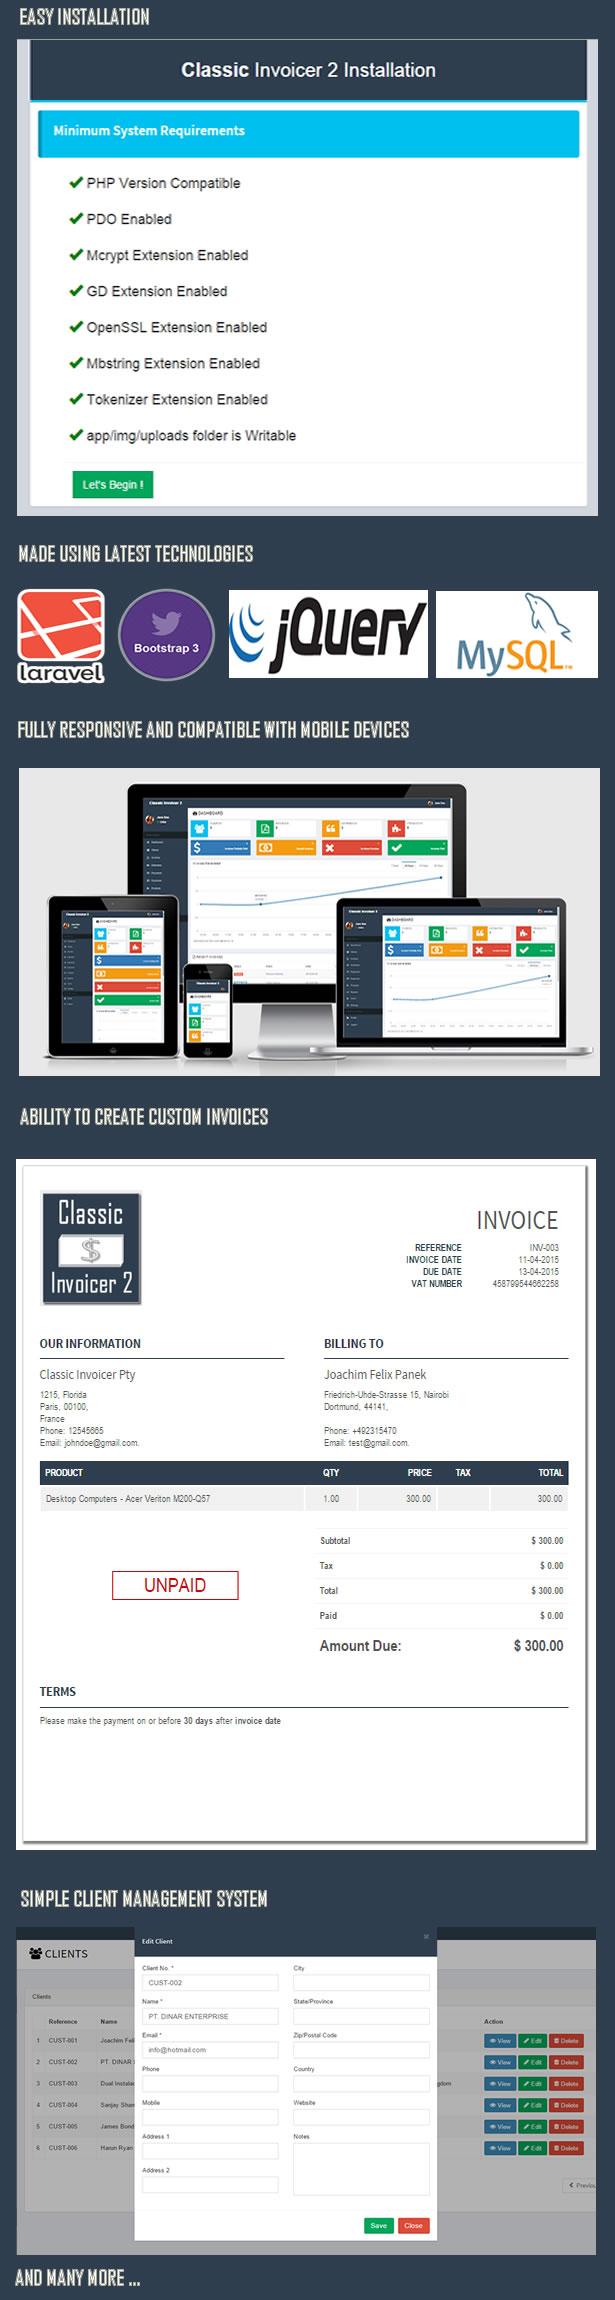 Classic Invoicer - 3